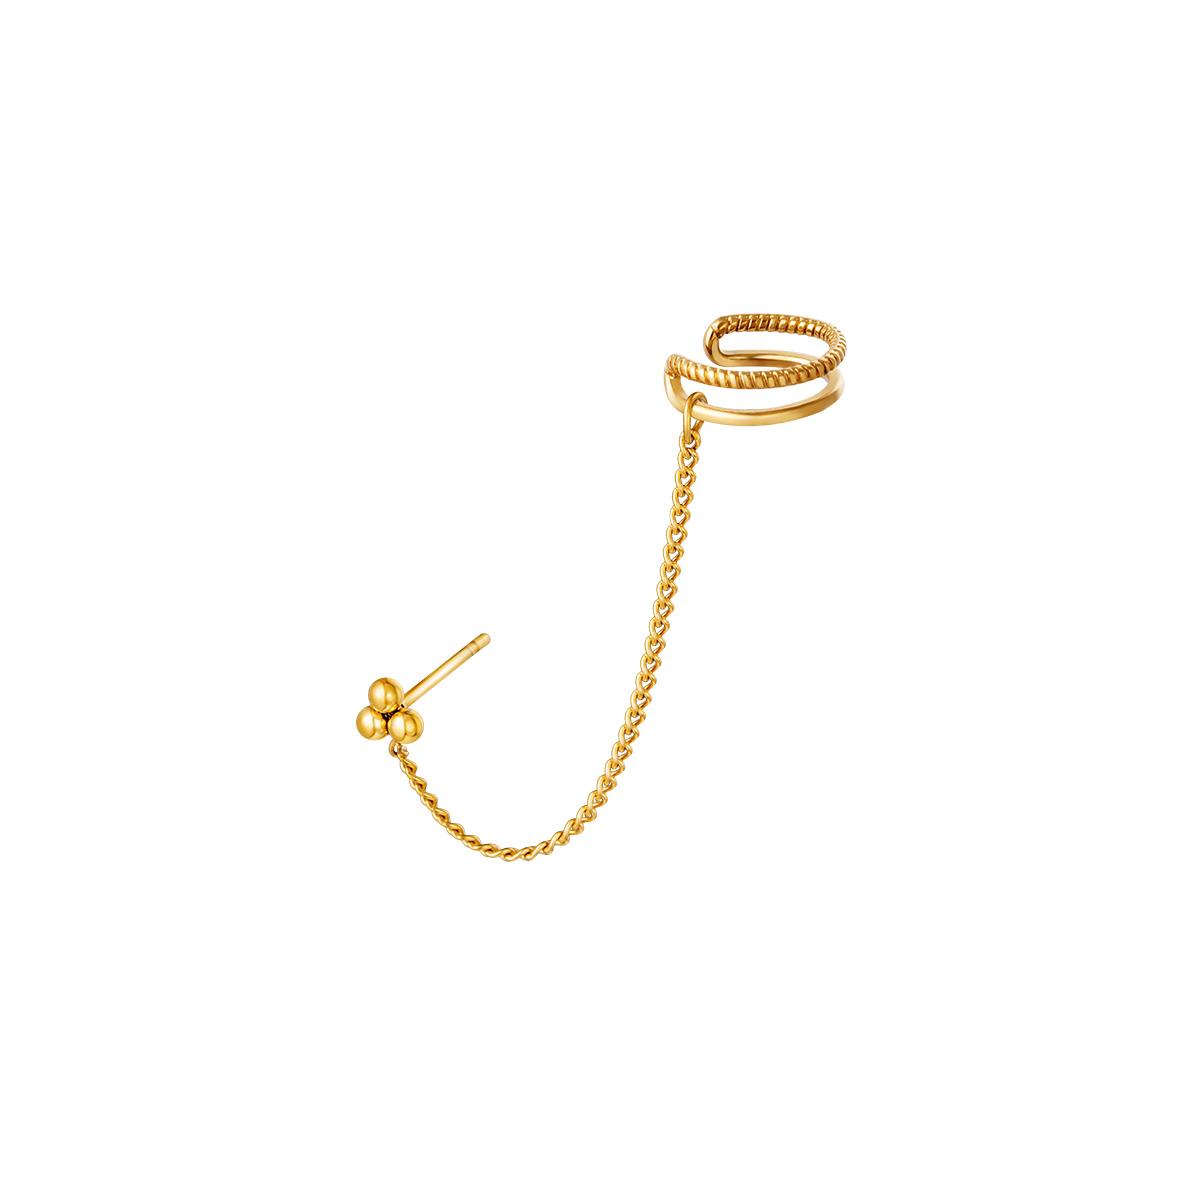 Couvre-oreille en acier inoxydable avec chaîne